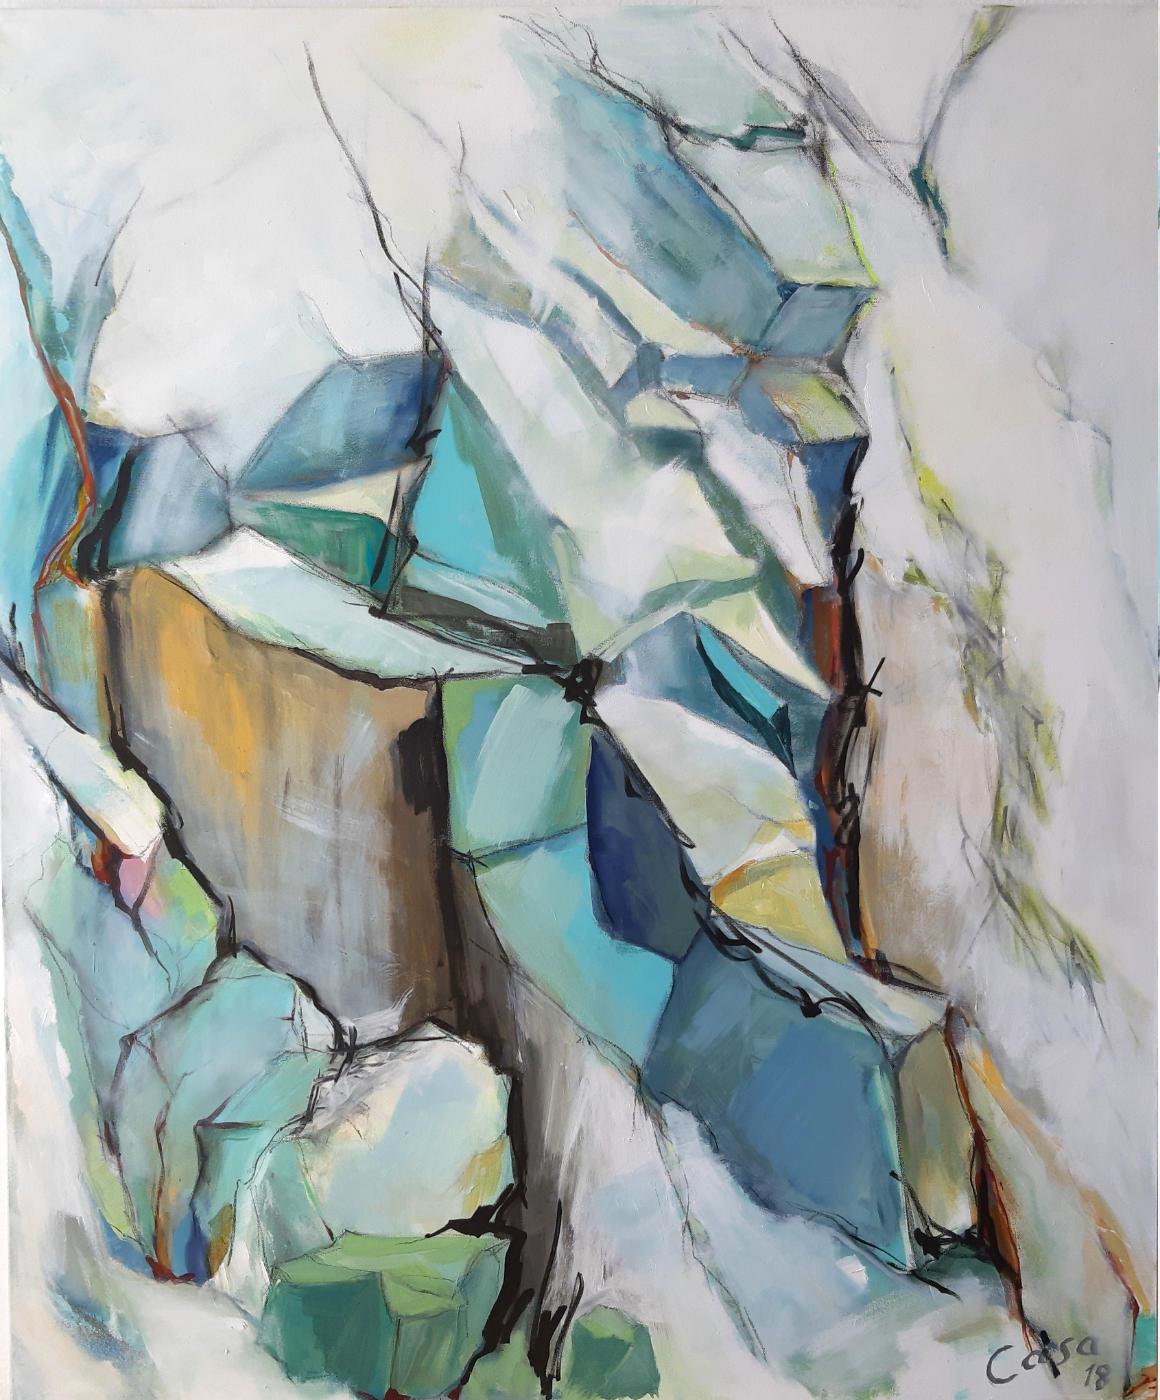 Gotthard - Acryl und Graphit auf Leiwand, 120 x 100 cm